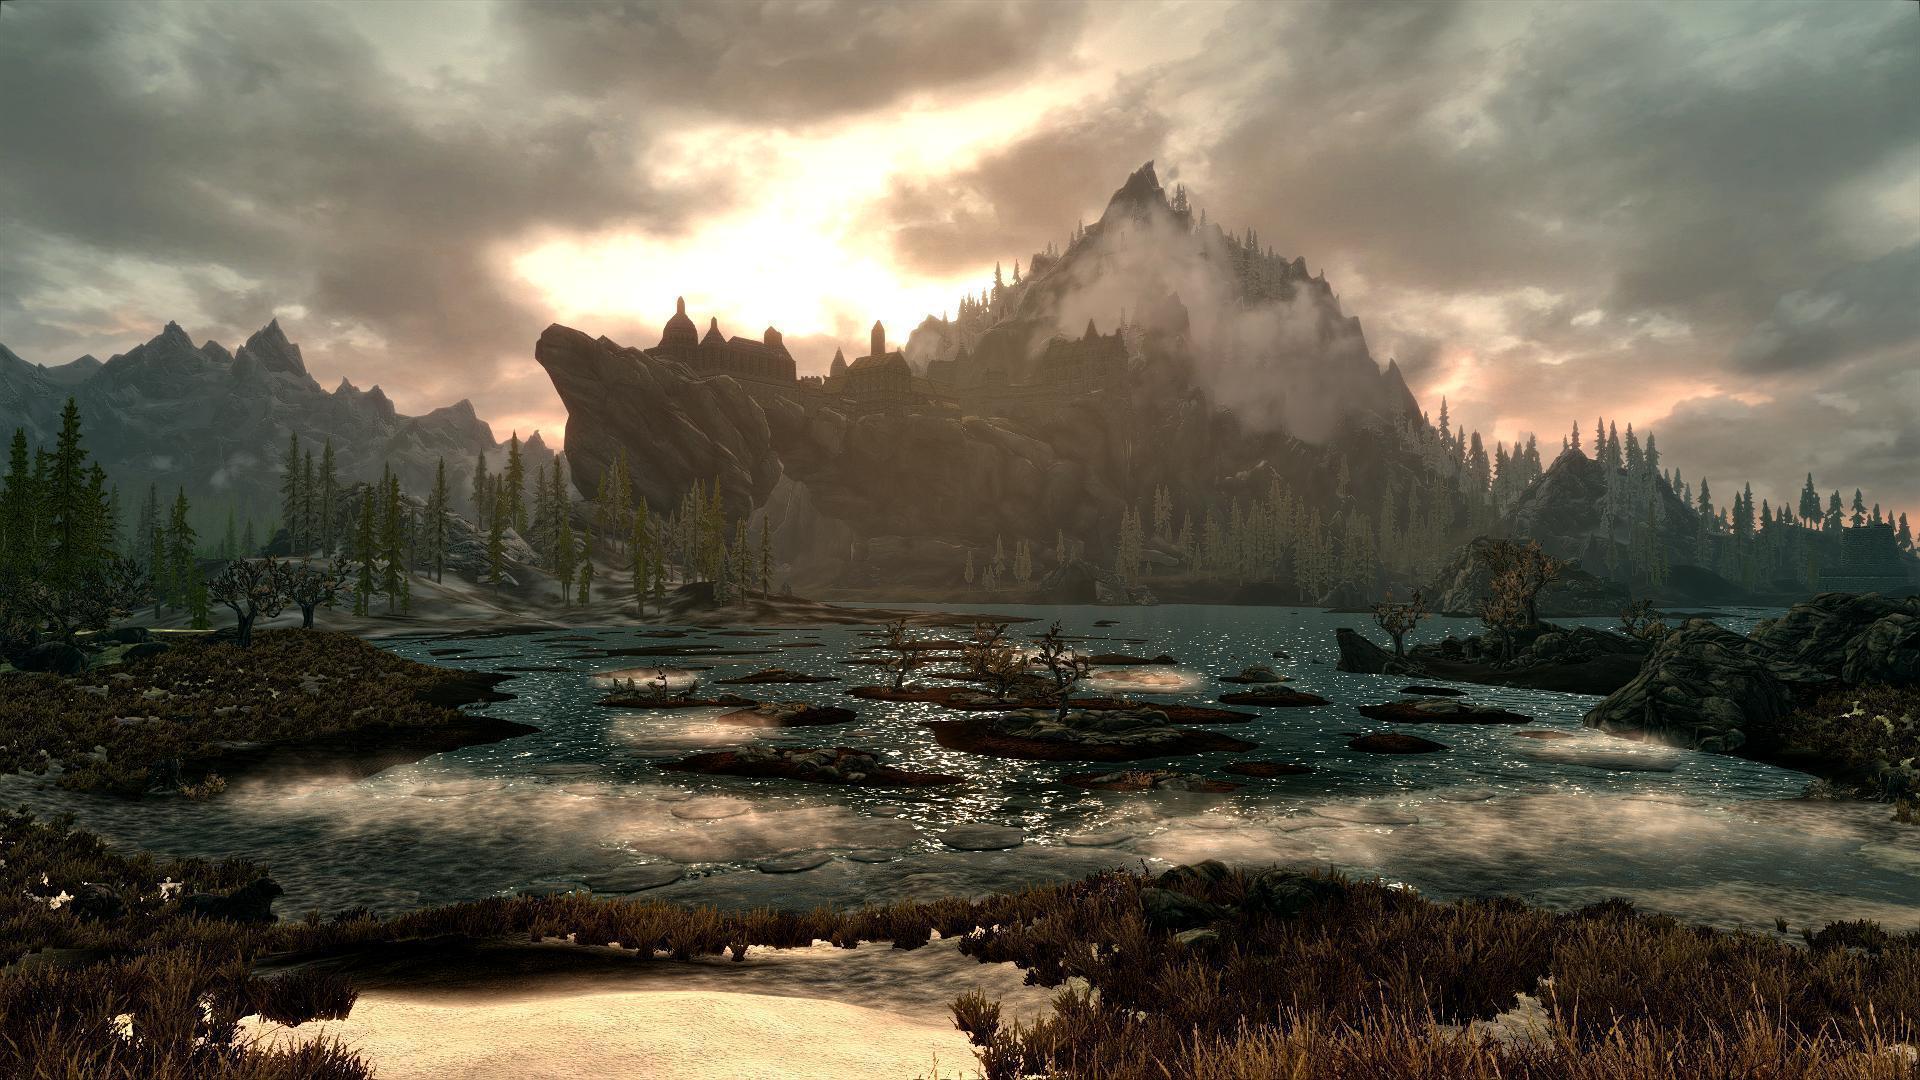 dragon landscape scenic wallpaper - photo #7